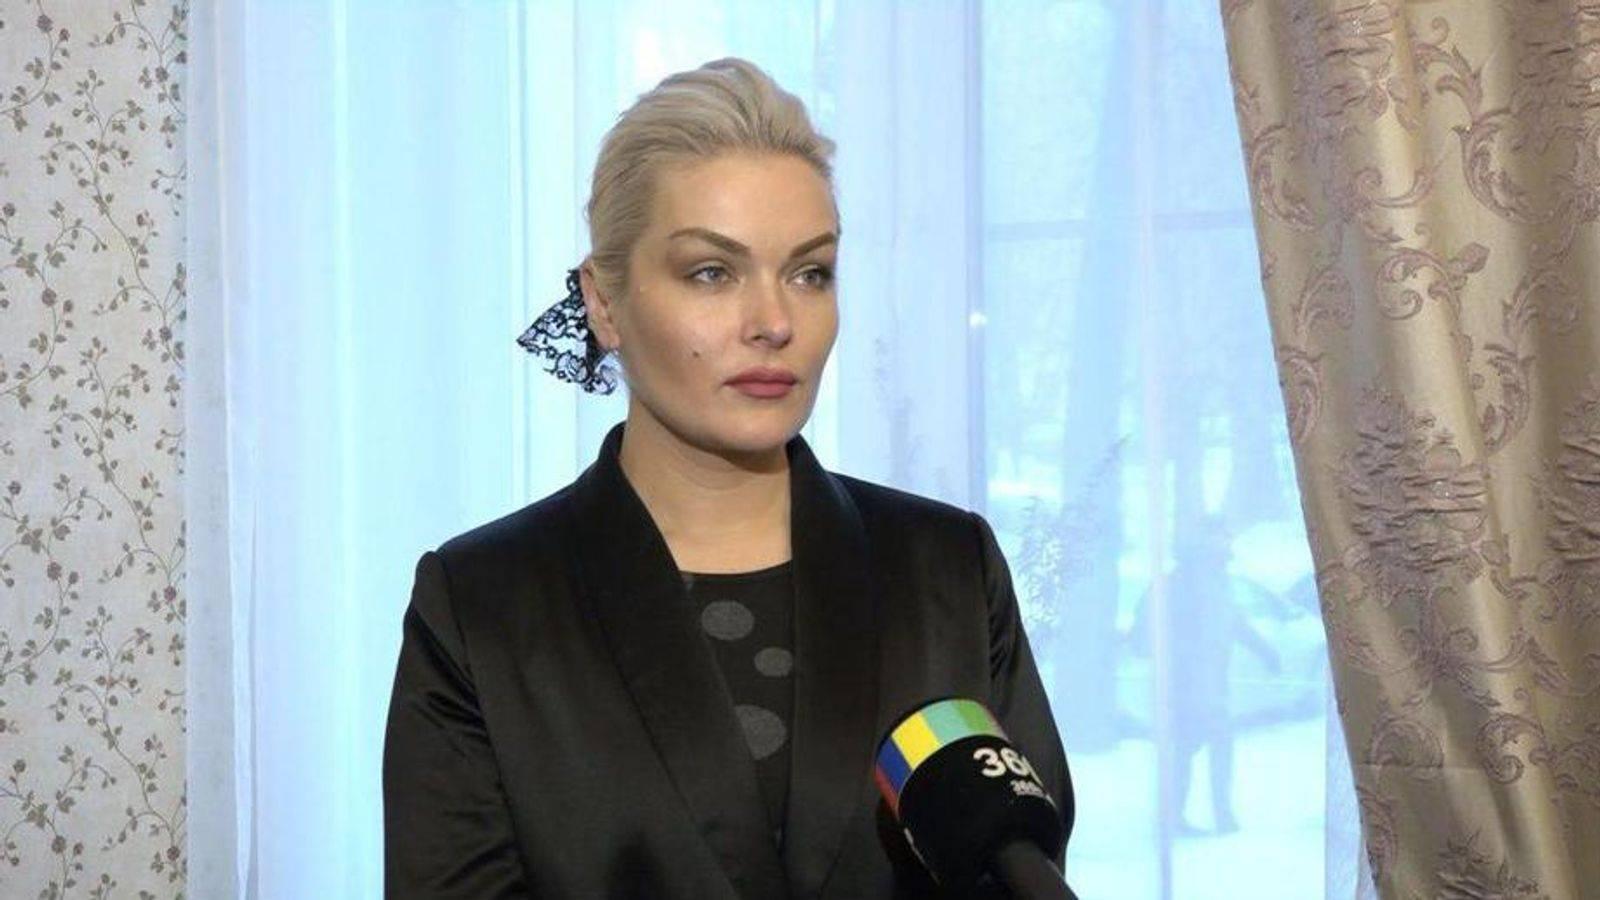 Мариам циминтия – грузинская монро и ясновидящая из «битвы экстрасенсов»